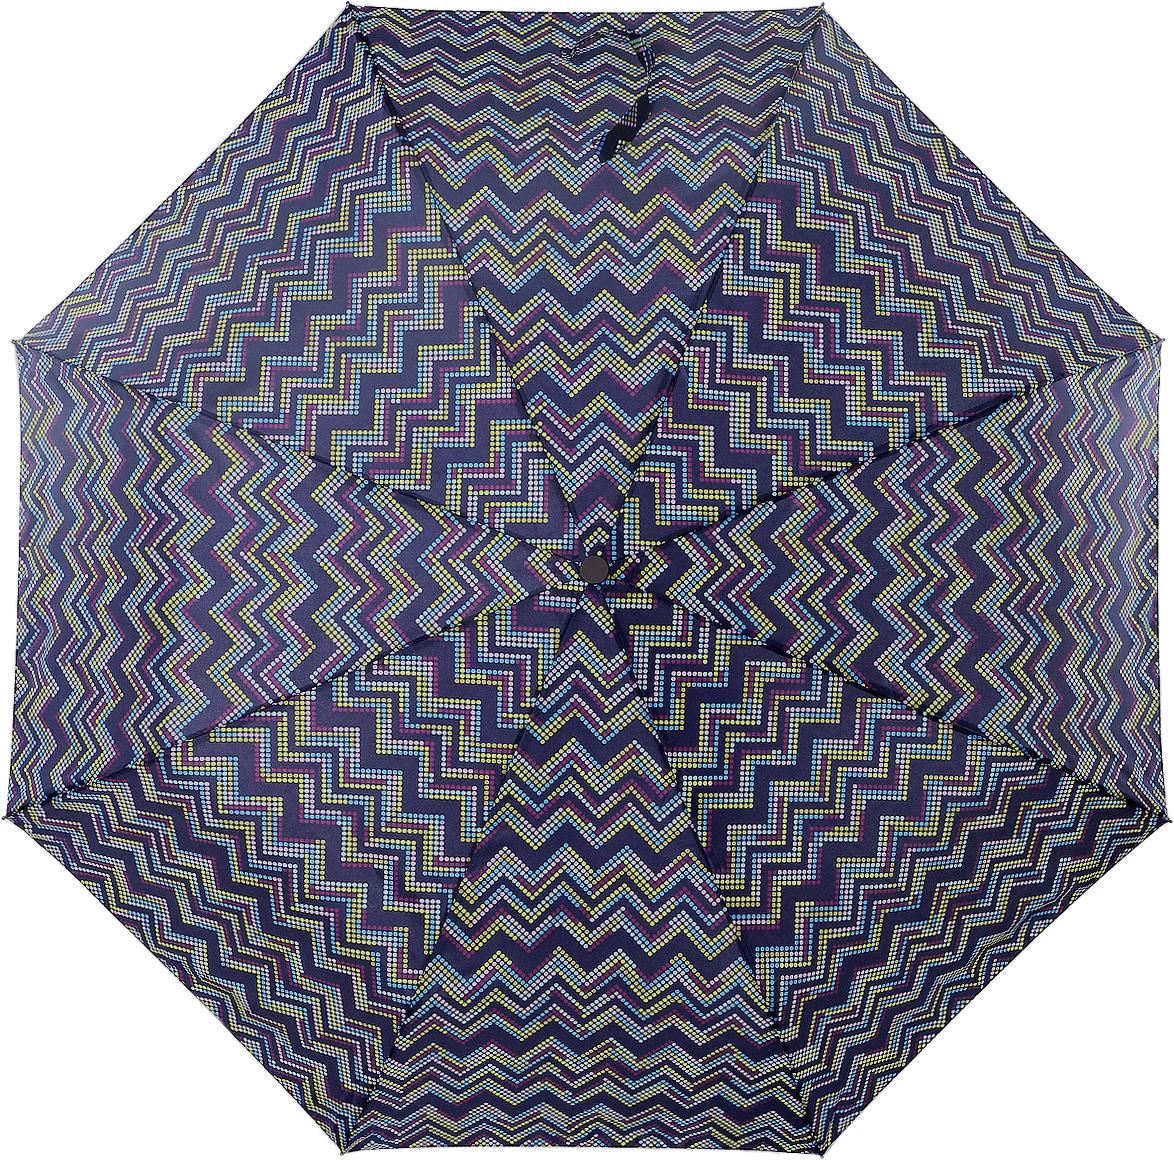 Зонт женский Artrain, цвет: темно-фиолетовый, темно-синий. 3515-436345100033/18076/3500NКлассический женский зонт в 3 сложения с механической системой открытия и закрытия. Удобная ручка выполнена из пластика. Модель зонта выполнена в стандартном размере, оснащена системой Антиветер. Этот стильный аксессуар поместится практически в любую женскую сумочку благодаря своим небольшим размерам.